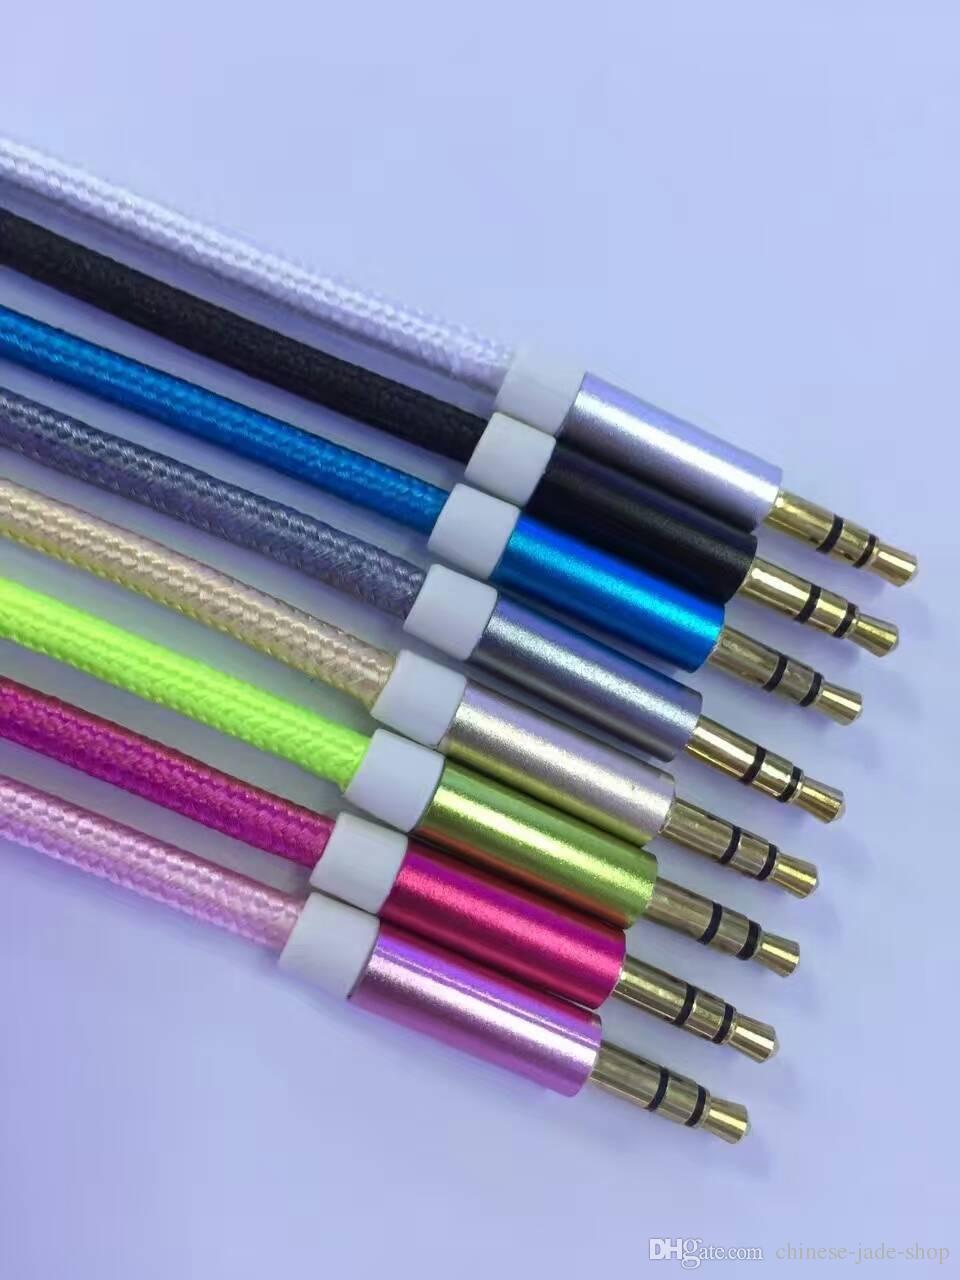 순수한 색상 알루미늄 금속 어댑터 나일론 꼰된 코드 3.5 mm 스테레오 오디오 AUX 케이블 1M 3FT /